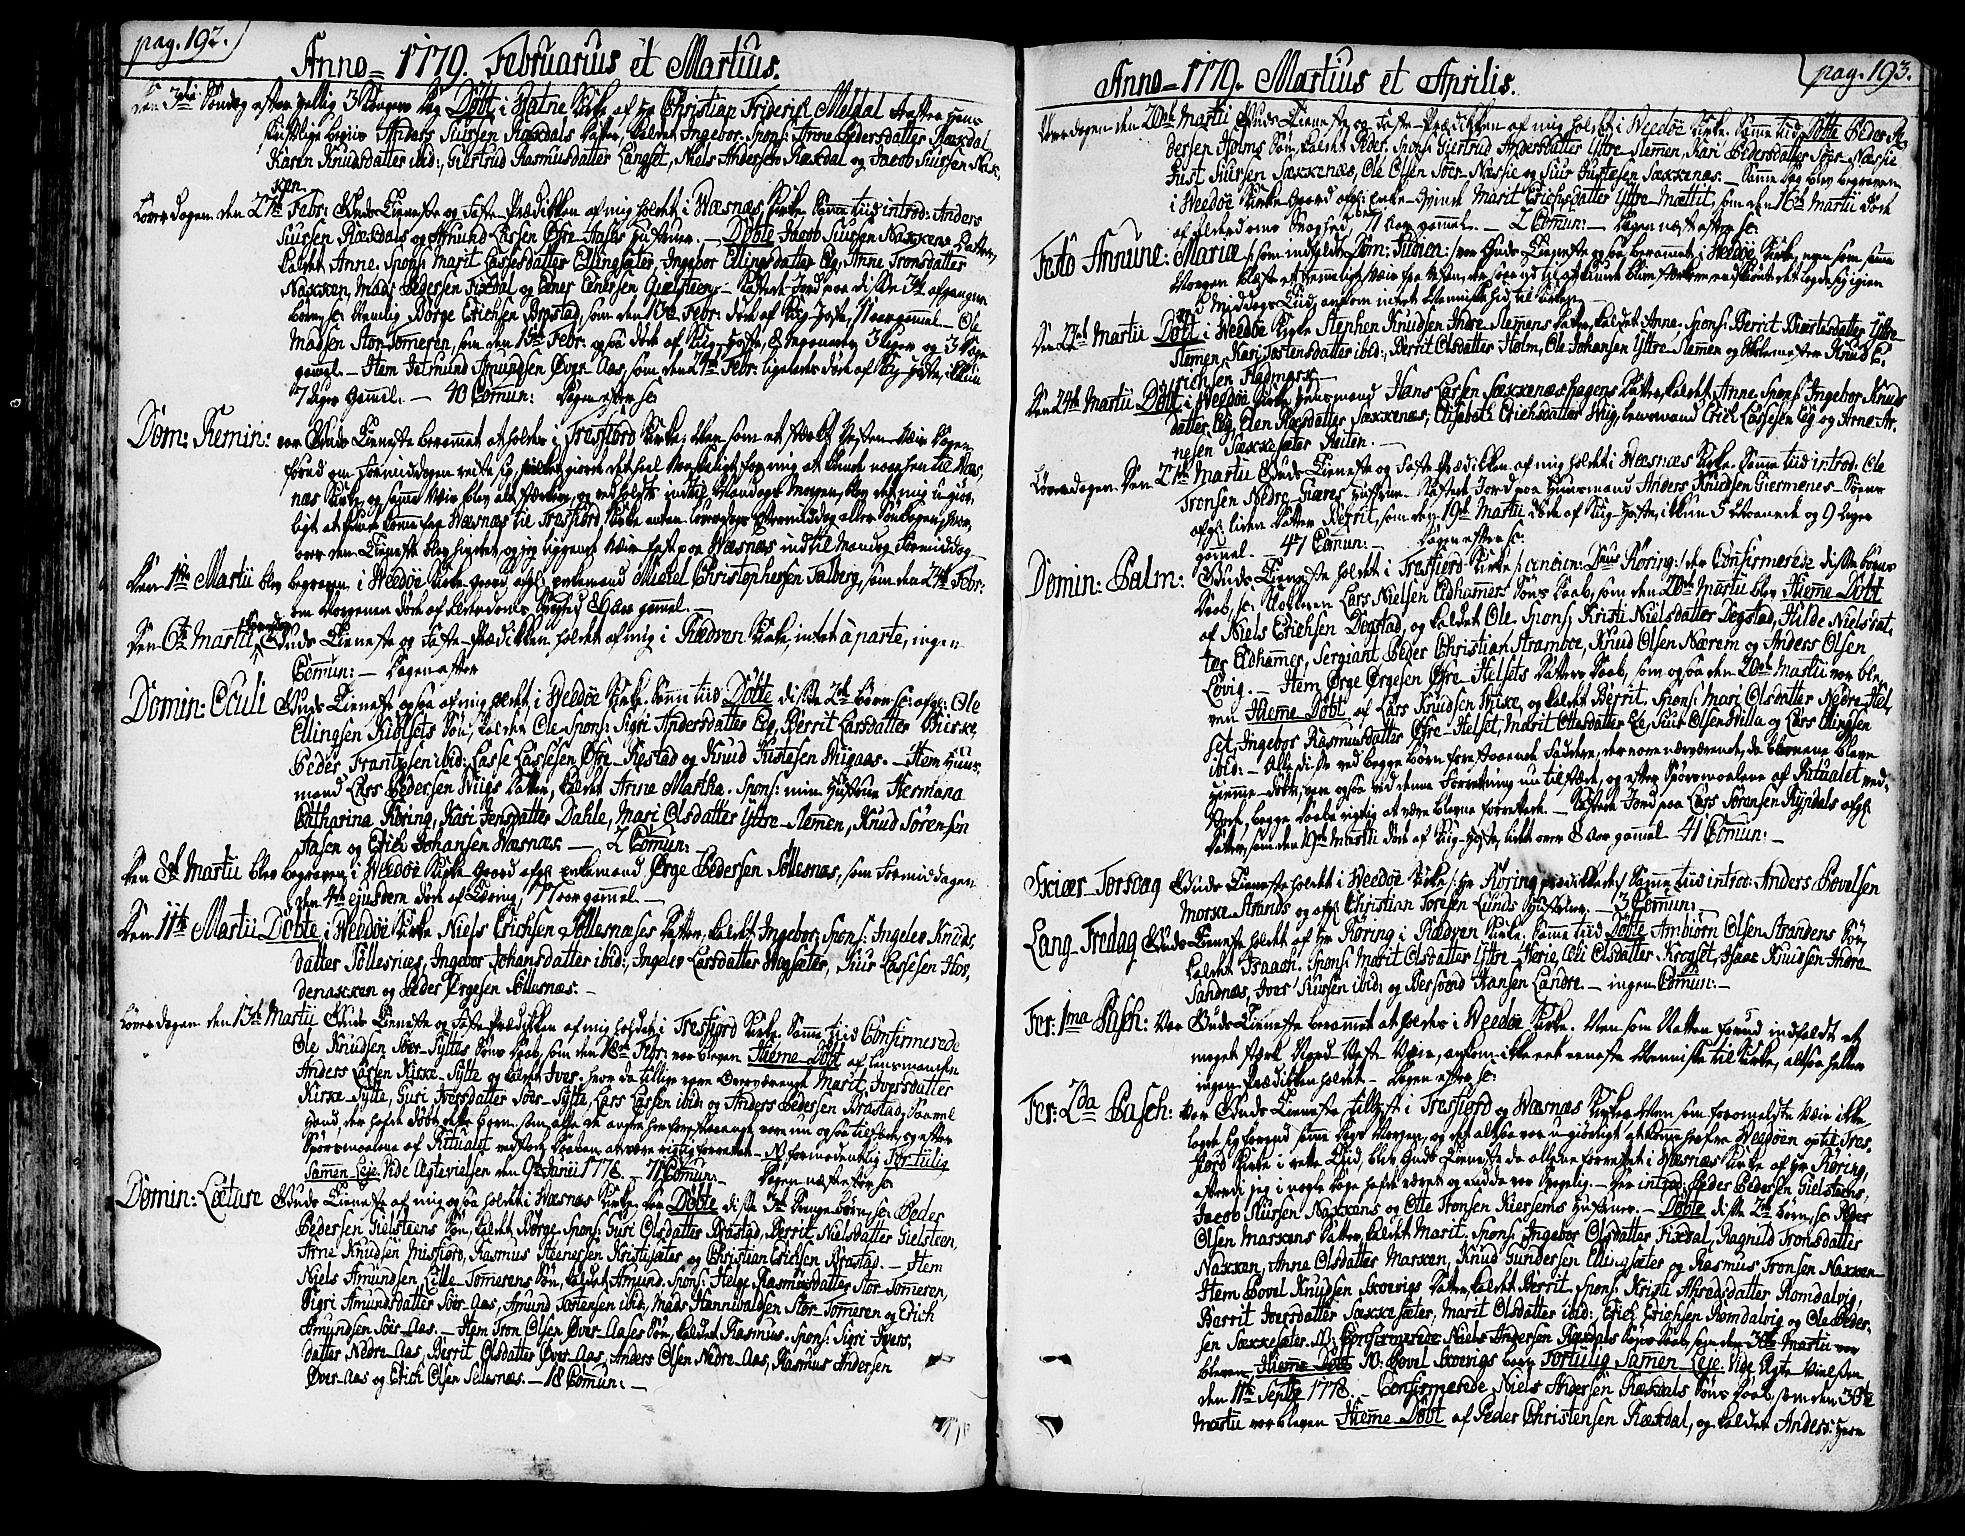 SAT, Ministerialprotokoller, klokkerbøker og fødselsregistre - Møre og Romsdal, 547/L0600: Ministerialbok nr. 547A02, 1765-1799, s. 192-193